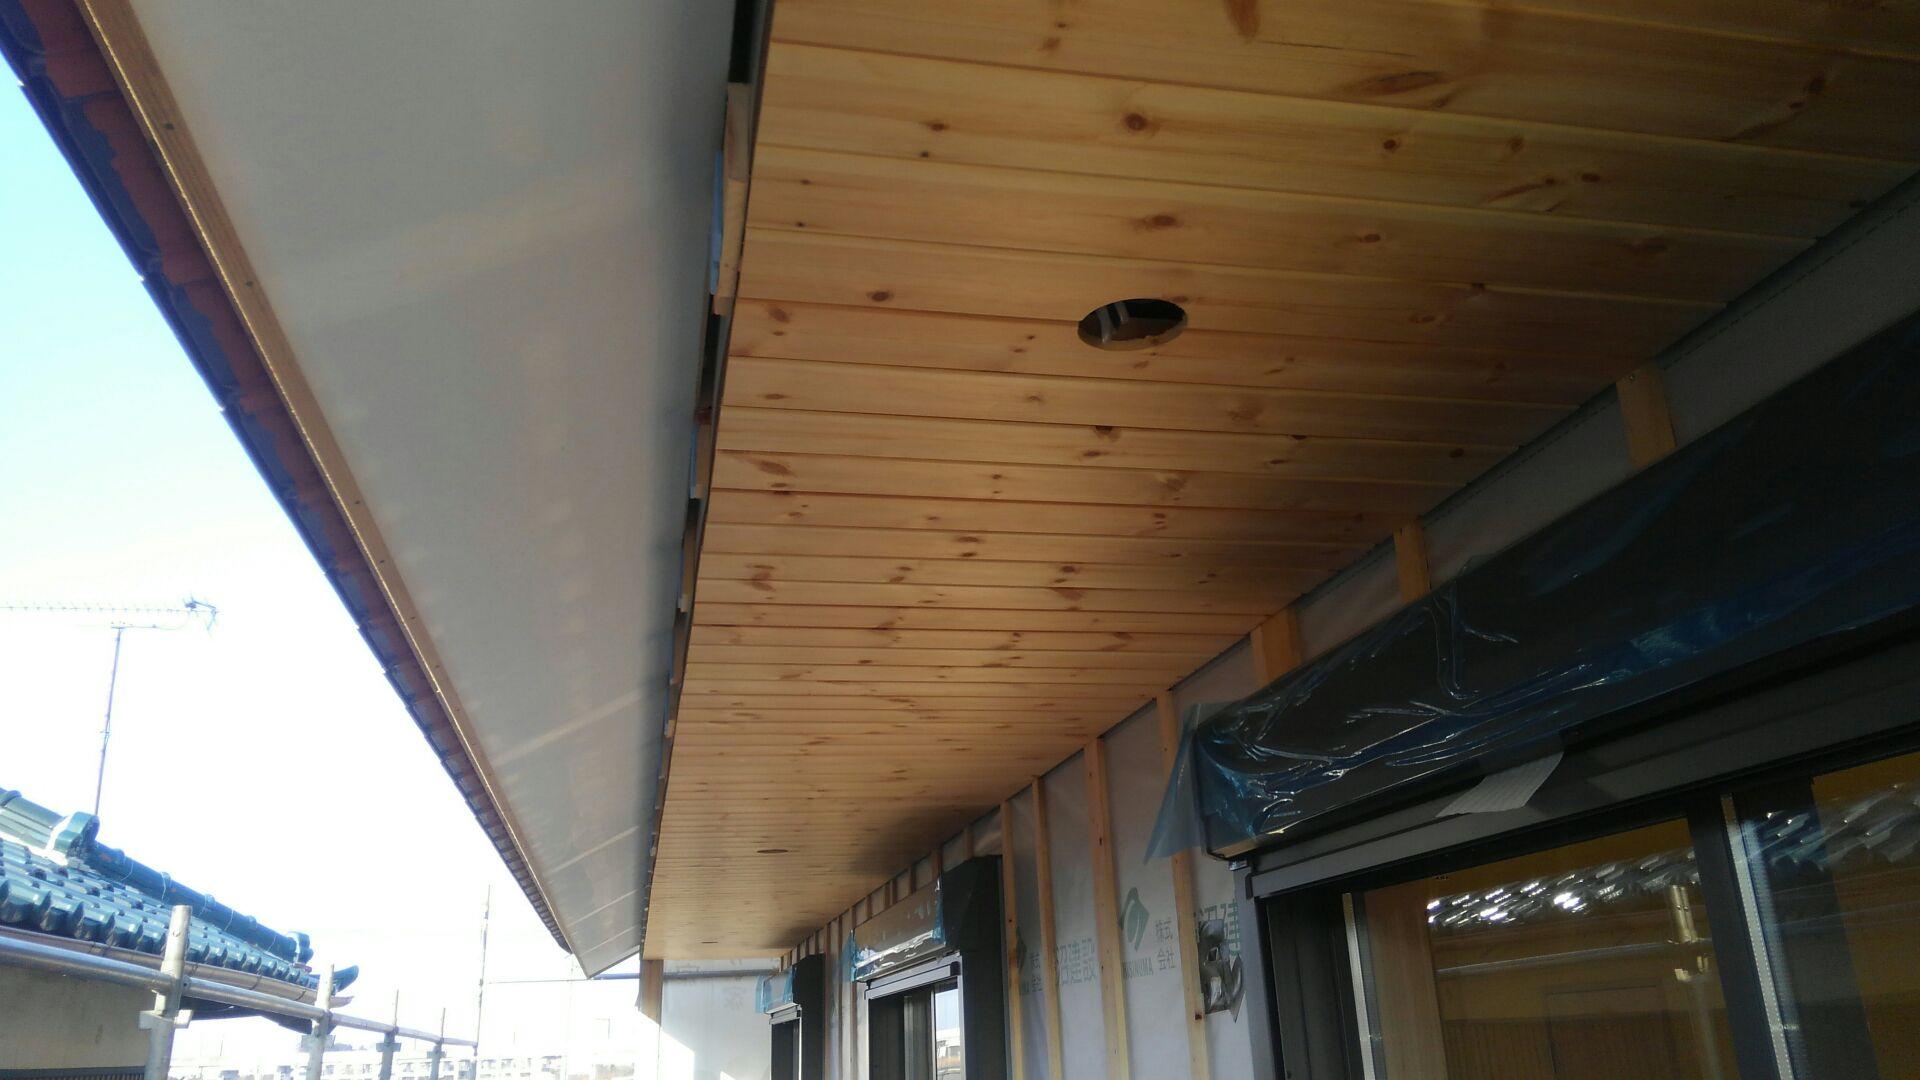 ベランダの打ち上げはお客さまからのご要望で、軒天を無垢の板張りにしました。 塗装をして完成です。 なかなかあじのある仕上がりです!